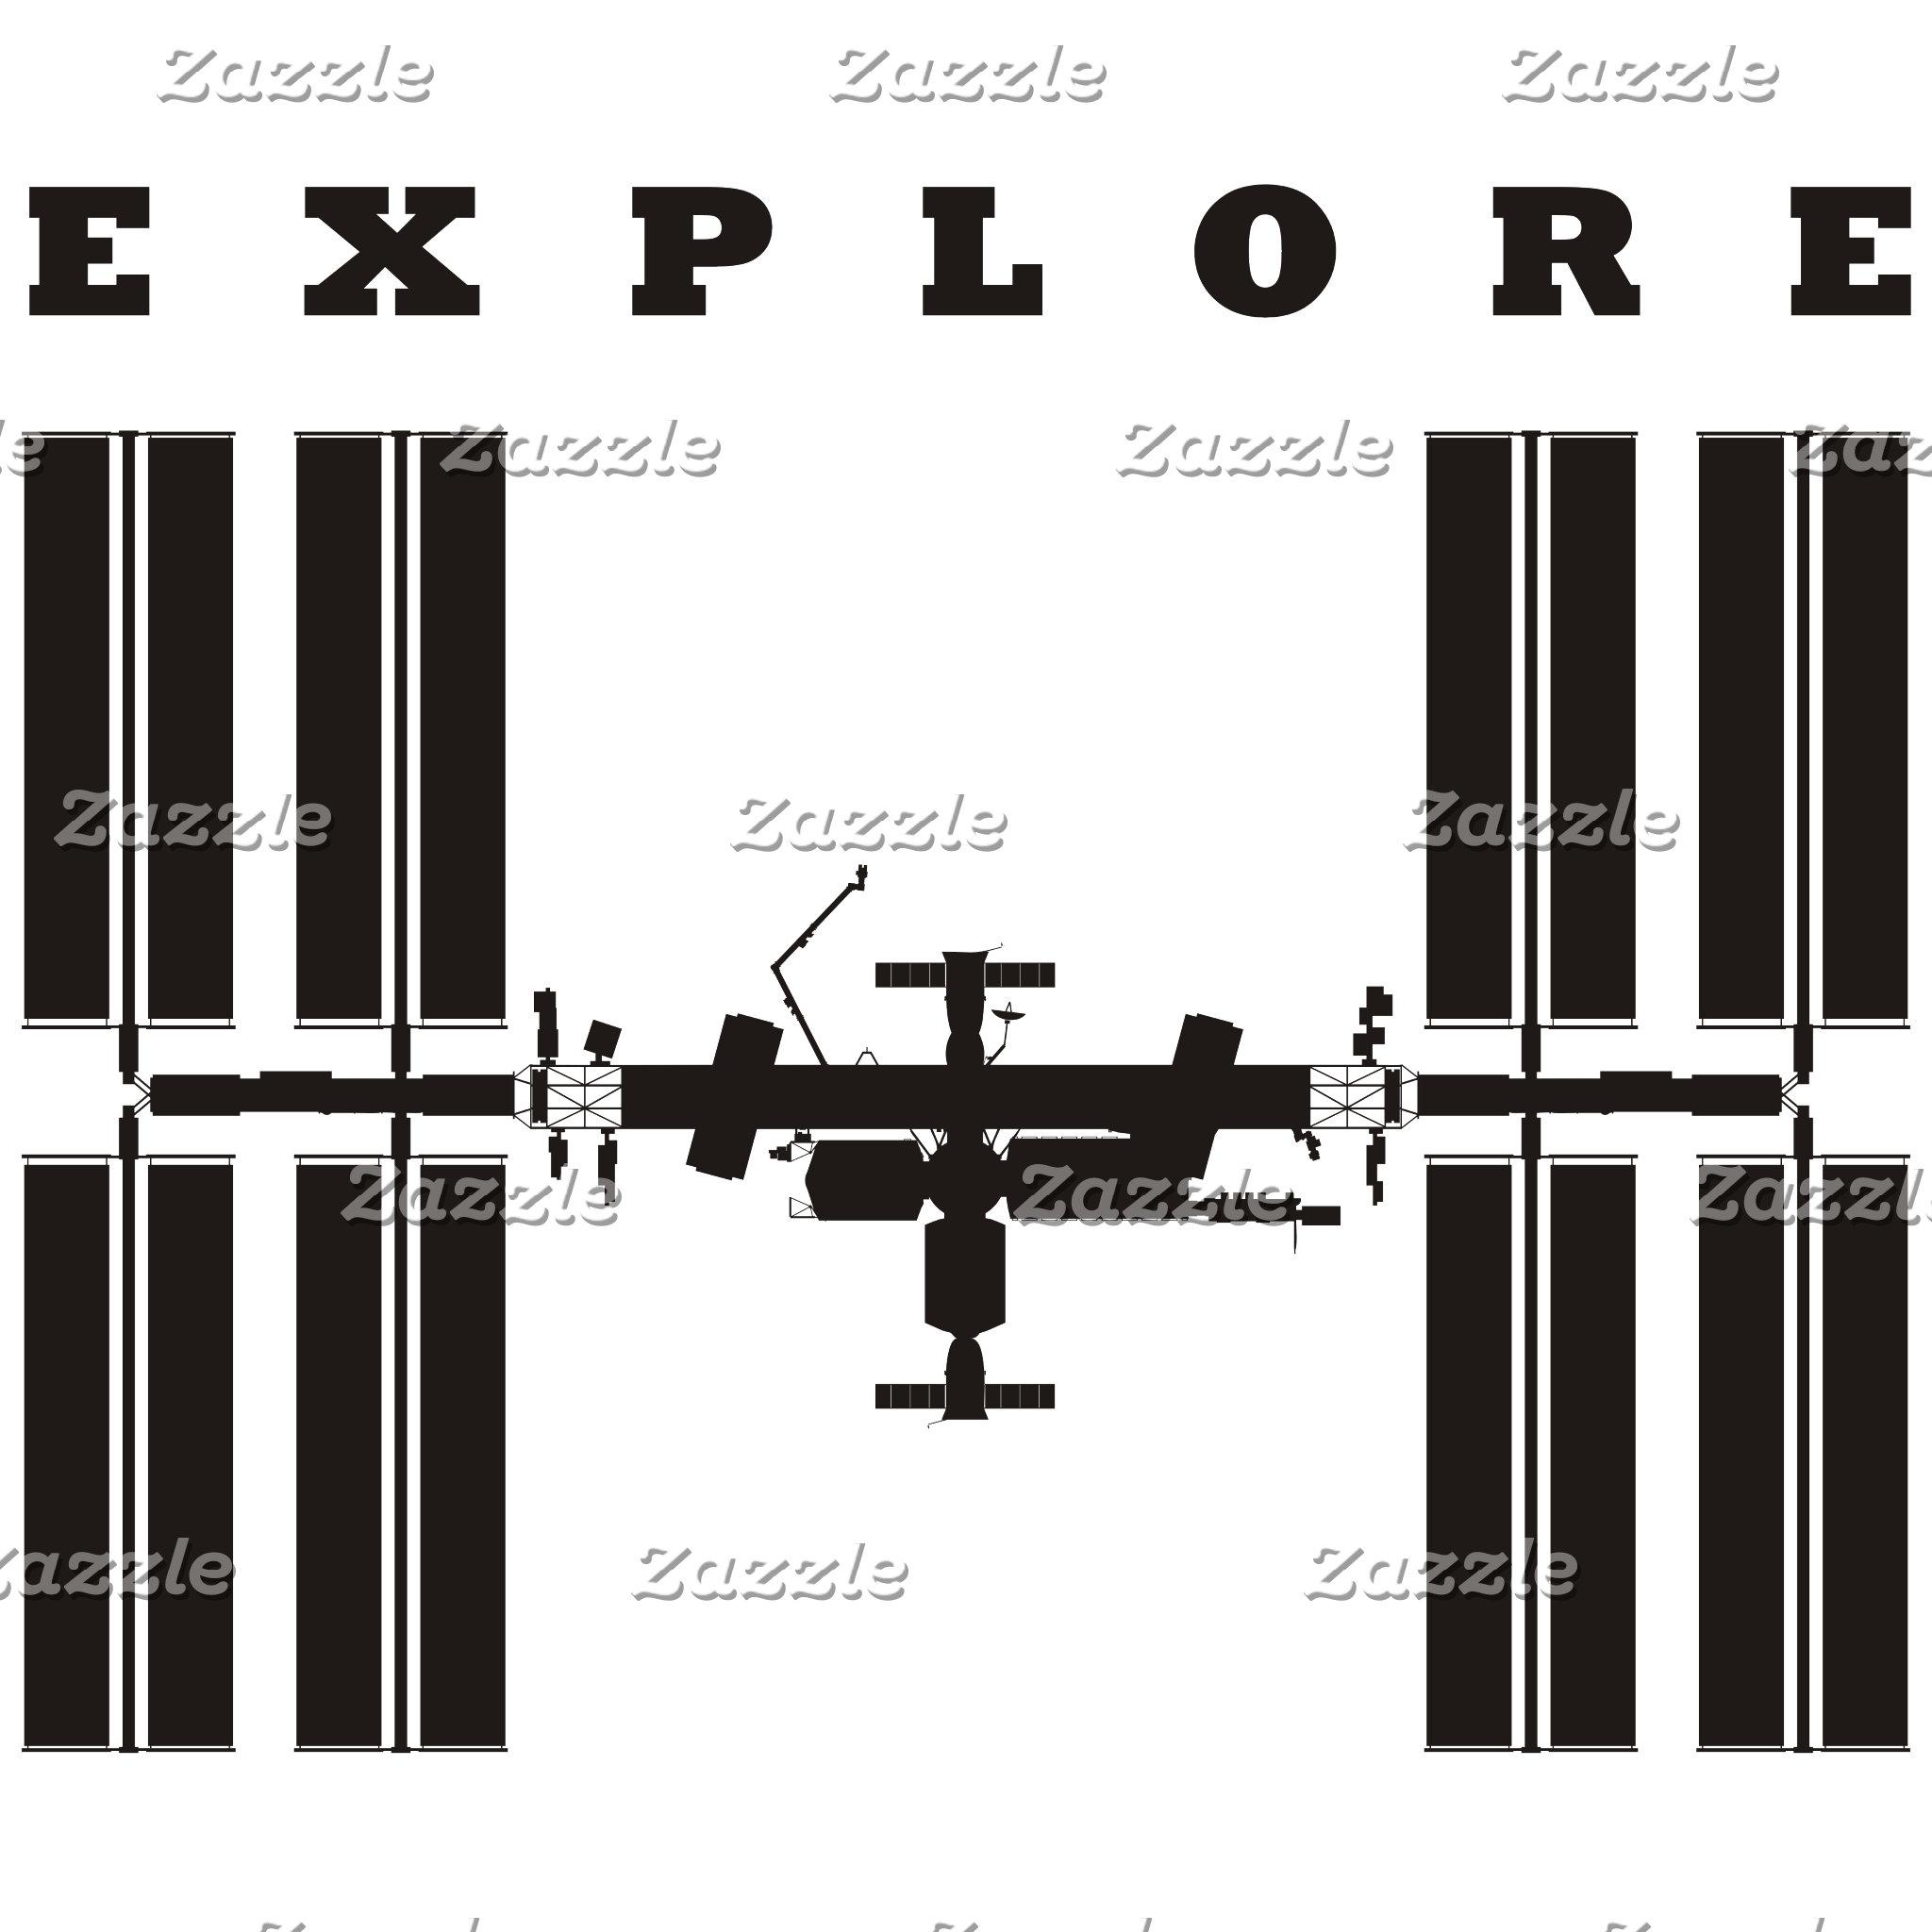 ISS / Explore